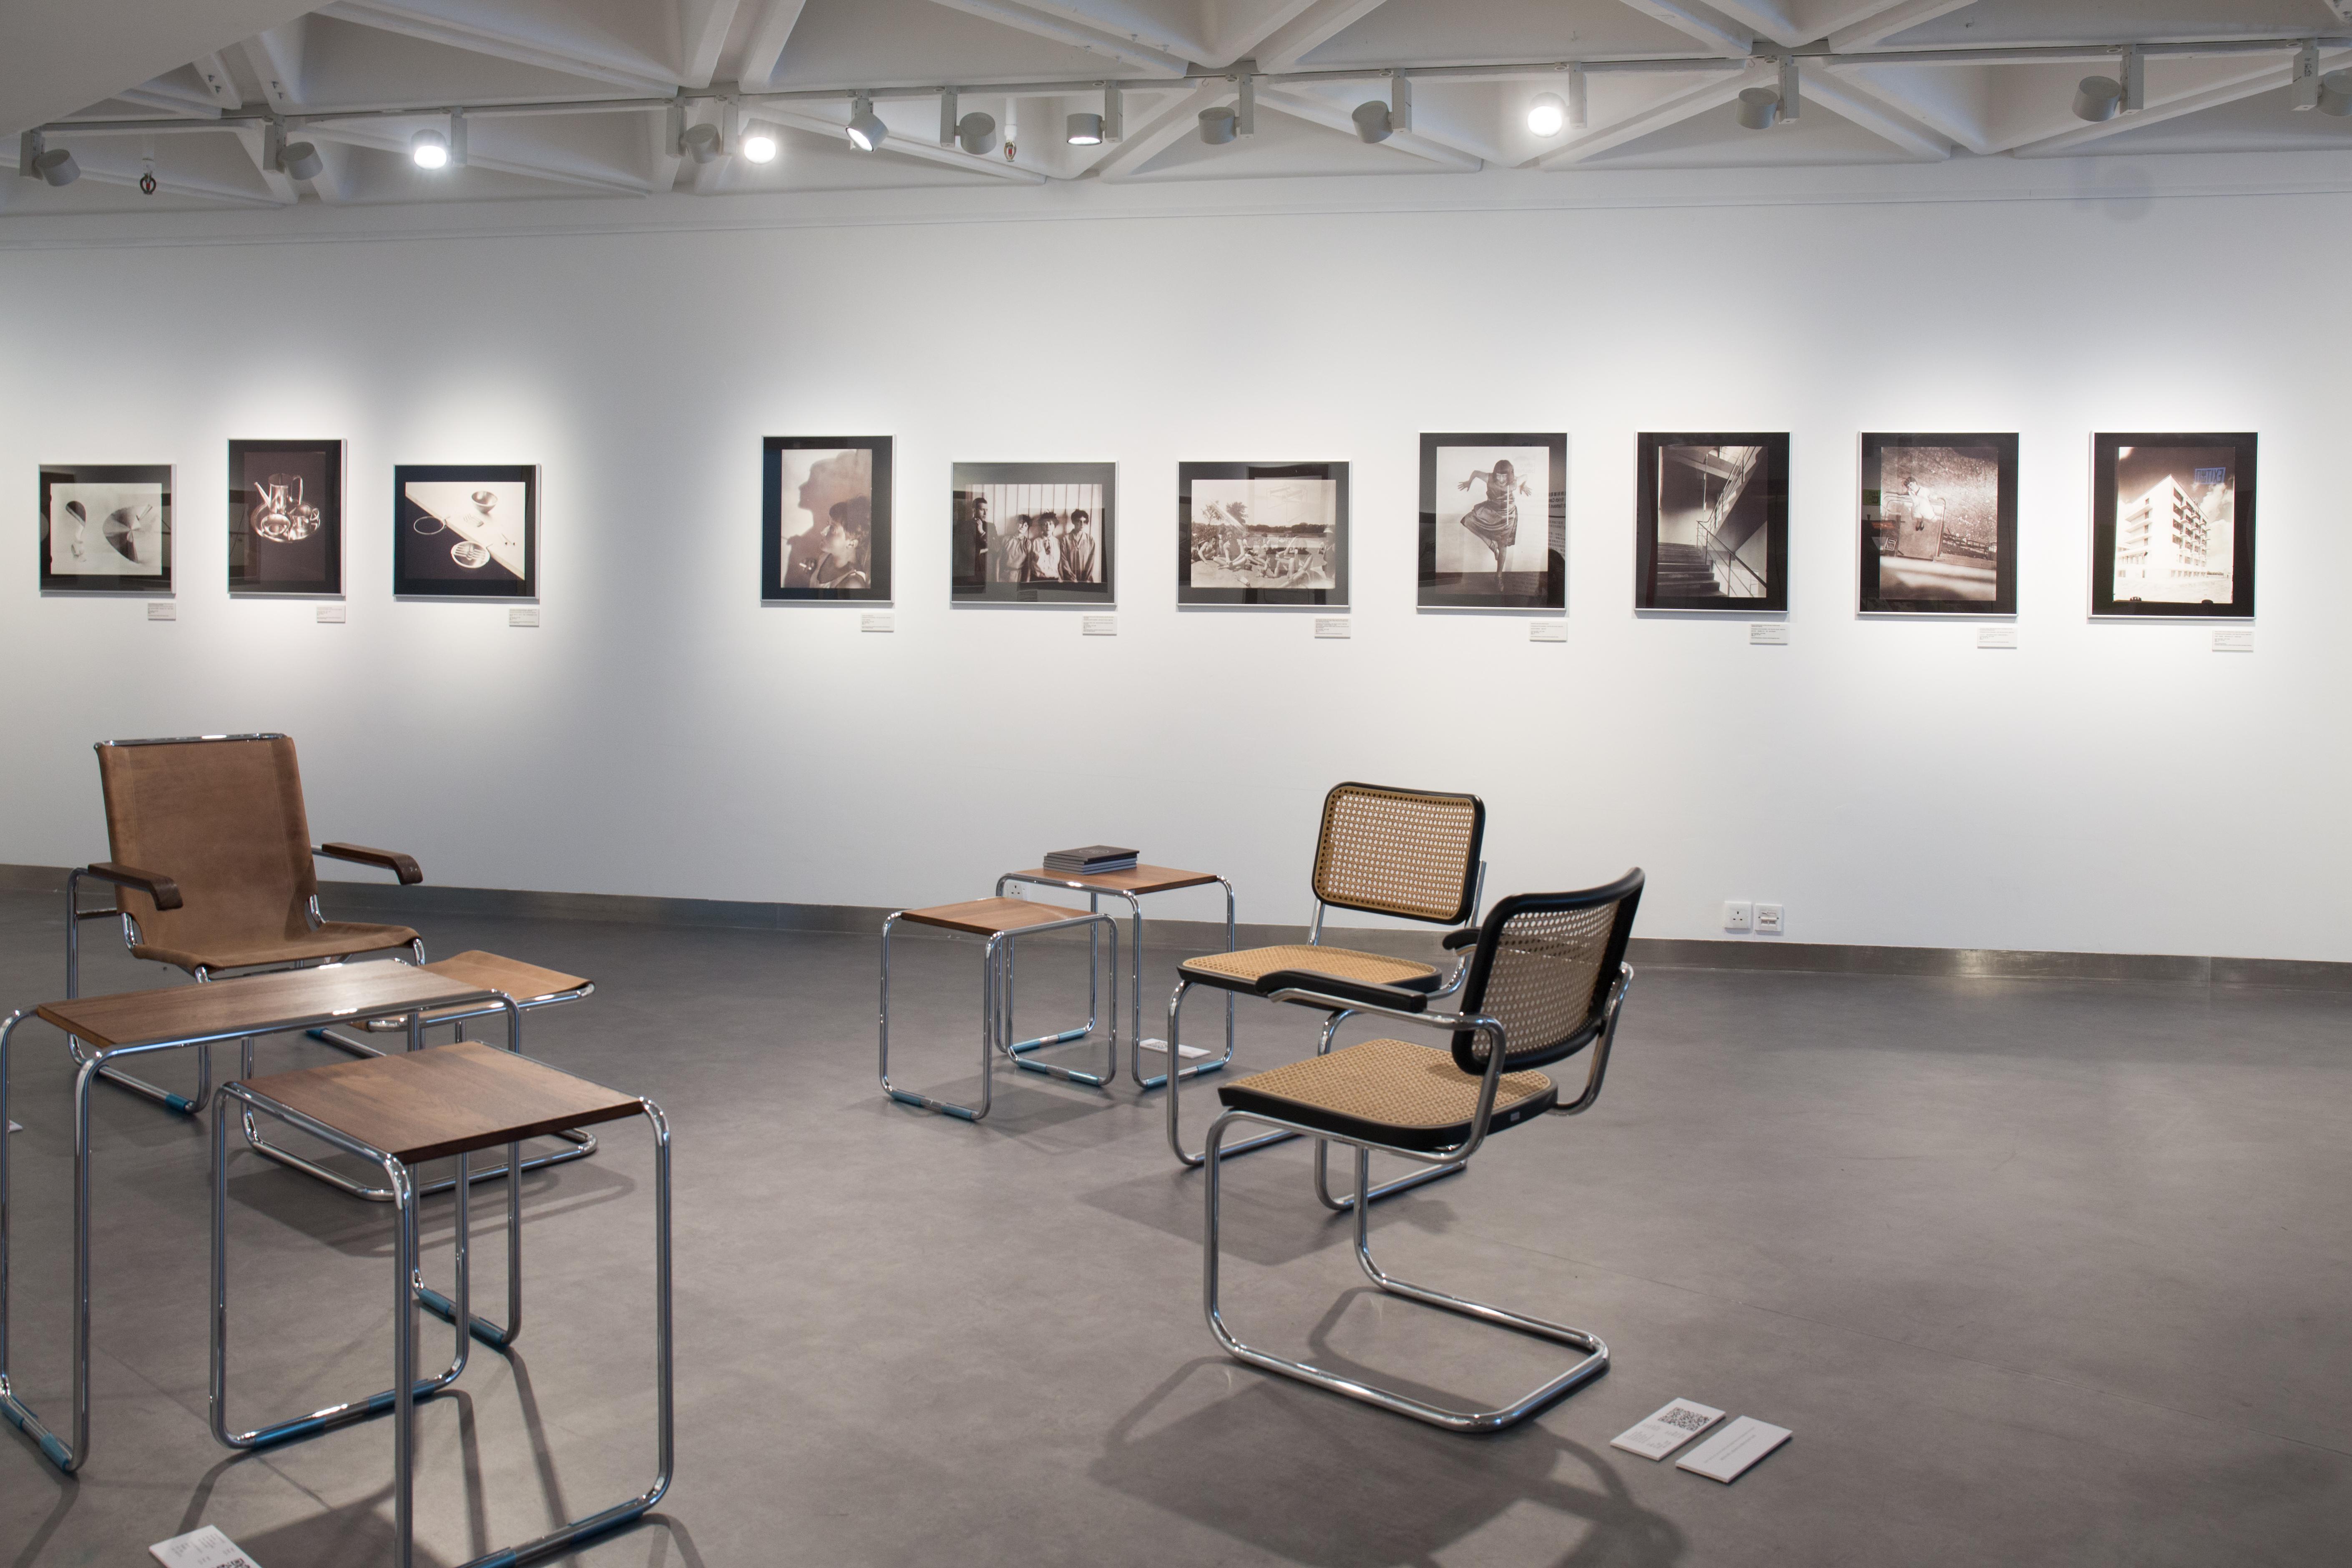 杜內有由Marcel Breuer設計,並由家具公司Thonet製作的椅子供大家試坐。